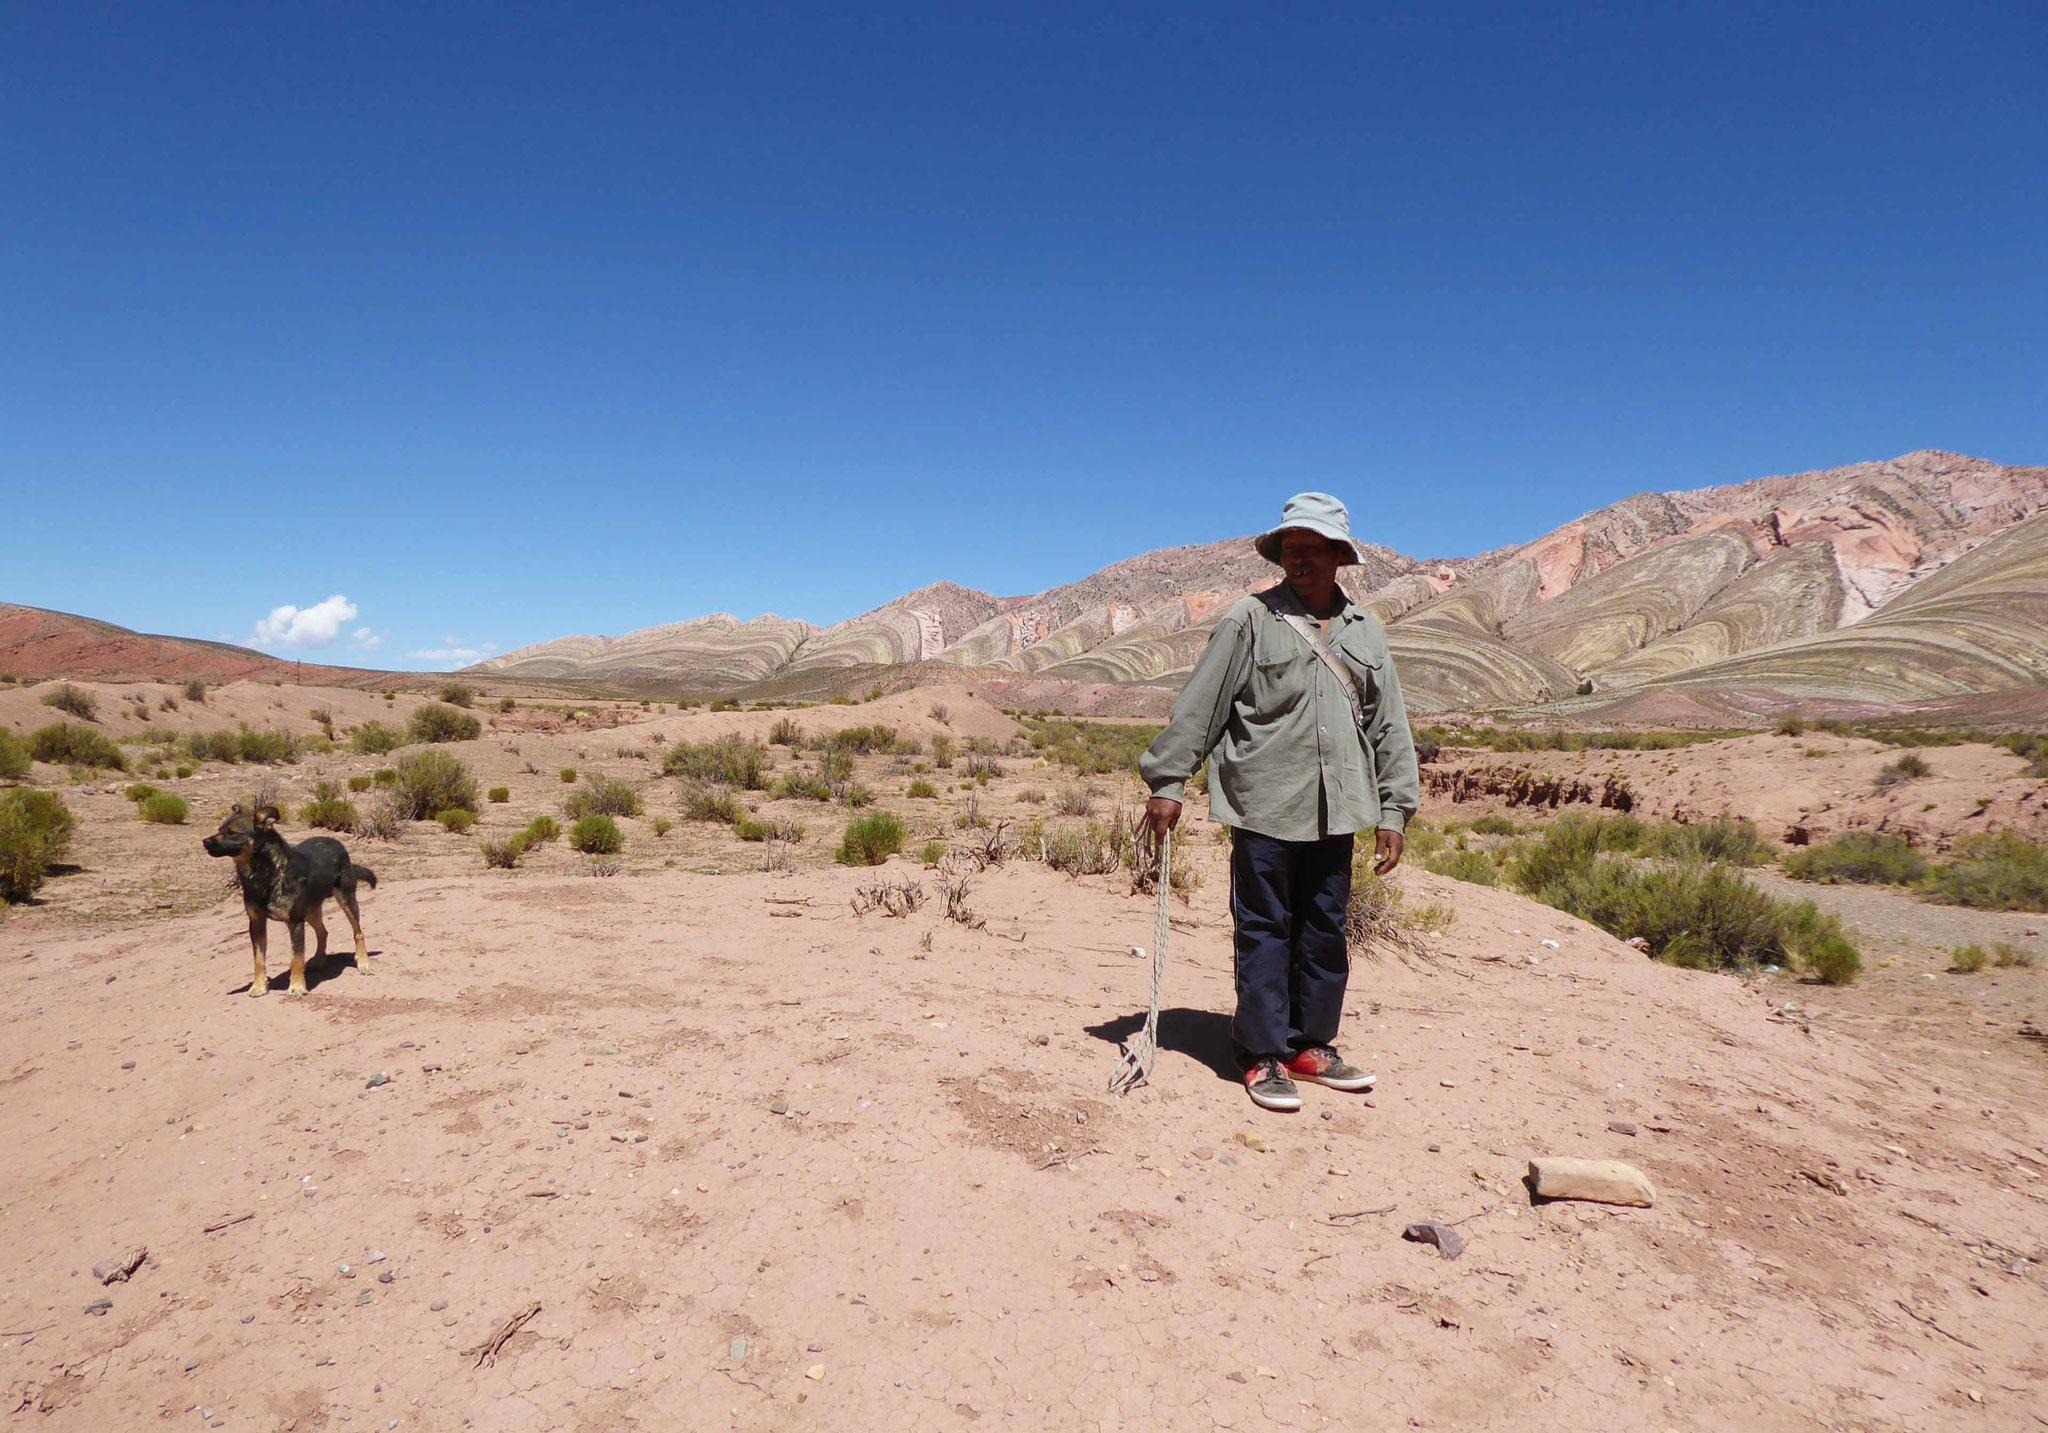 Au milieu de nulle part... un berger en quête de son troupeau de chèvres